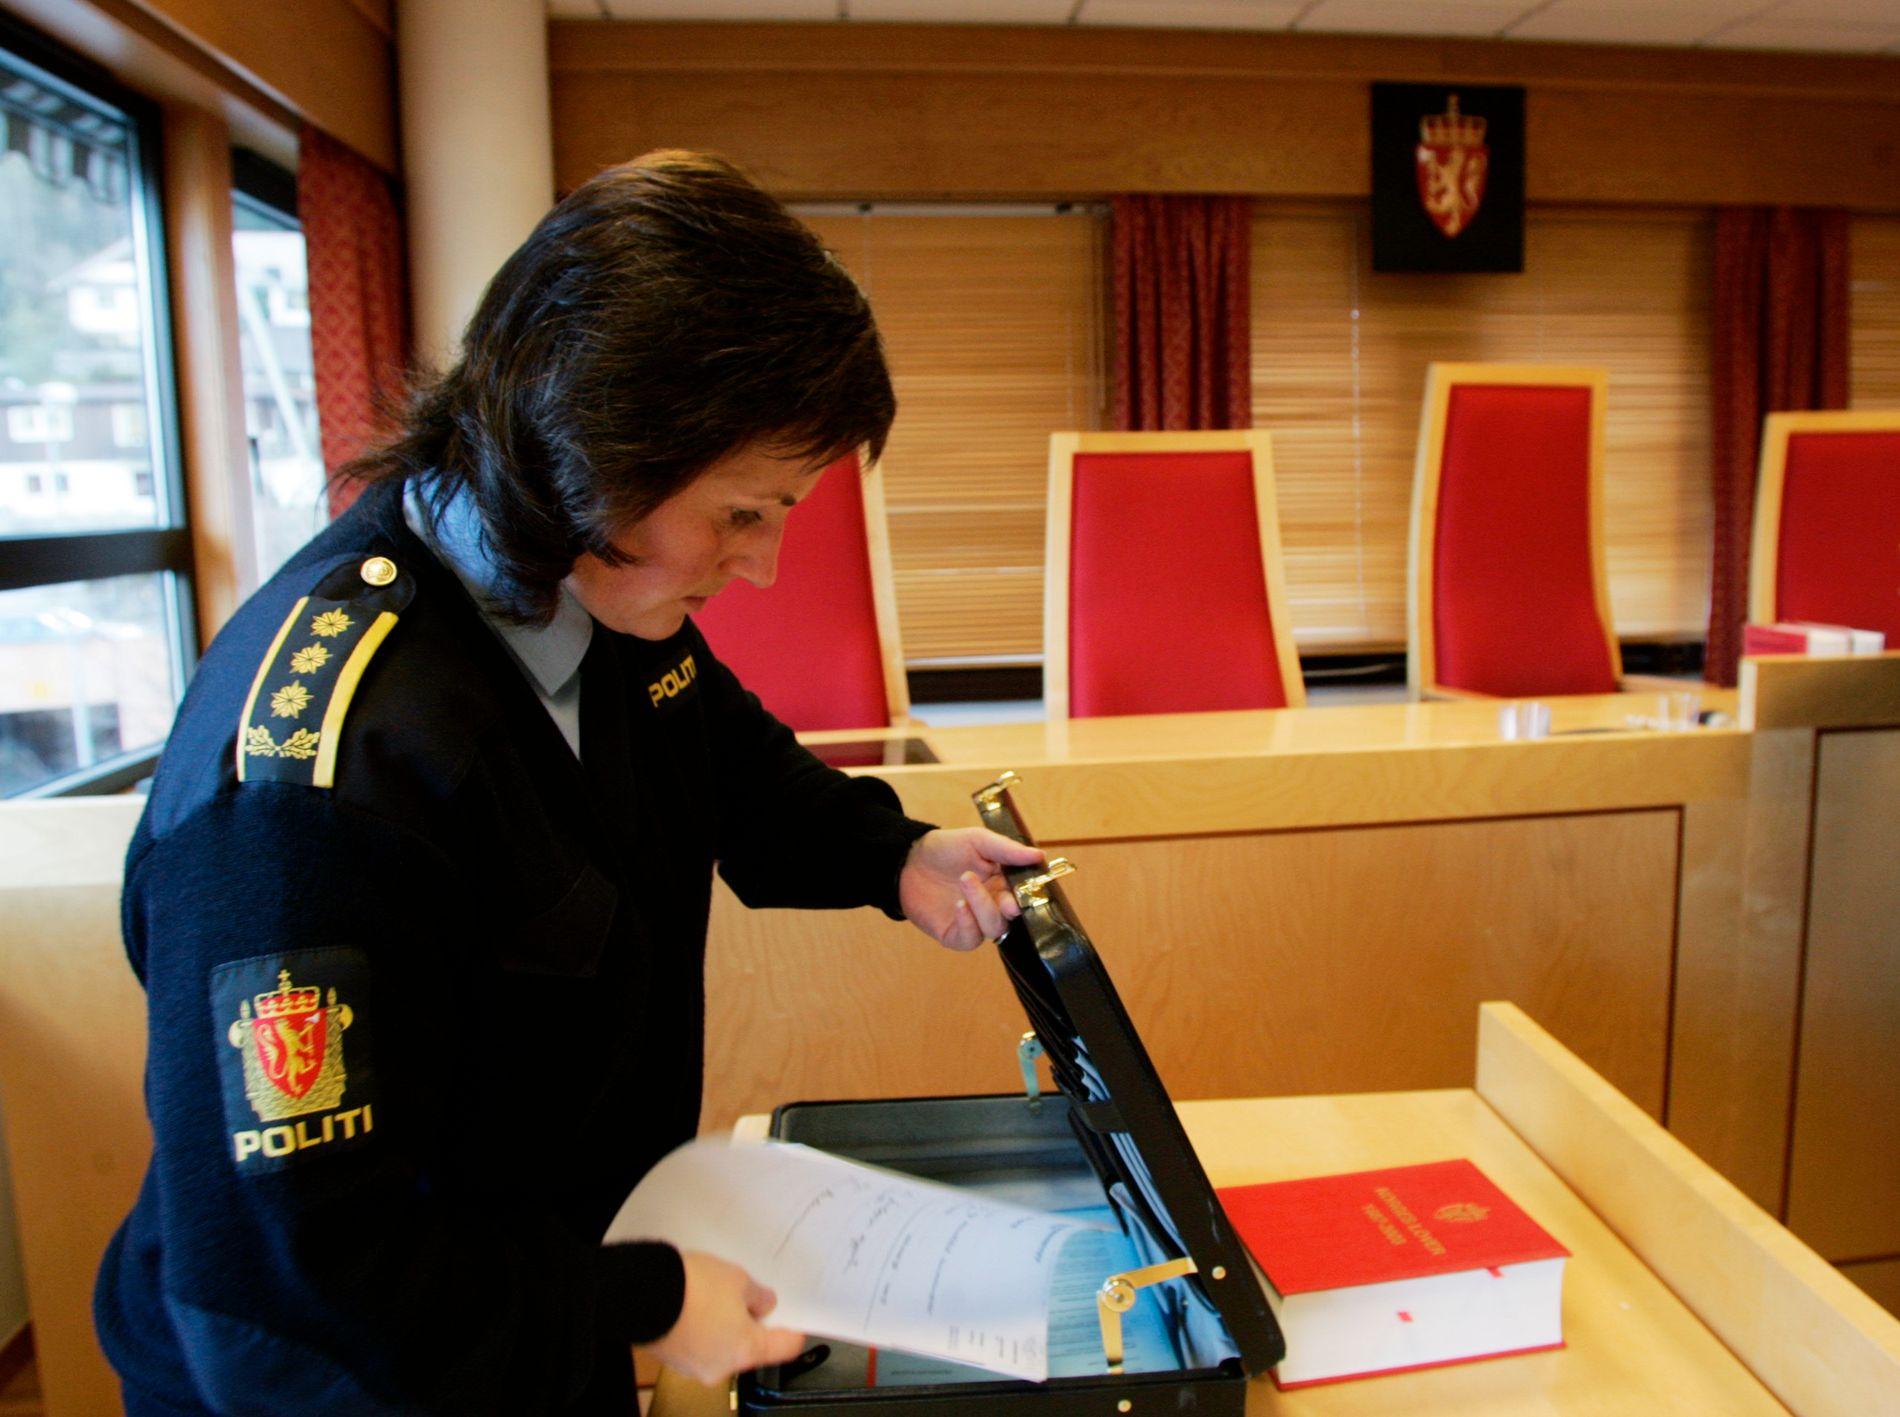 DØMT FOR FAMILIEVOLD: Politiadvokat Sissel Kleiven i Vest politidistrikt bekrefter at politiet har lagt bort hallik-siktelsen mot en vestlandsbonde. Mannen ble dømt til tre års fengsel for vold og mishandling av kona. Bildet er tatt under et fengslingsmøte i 2004.